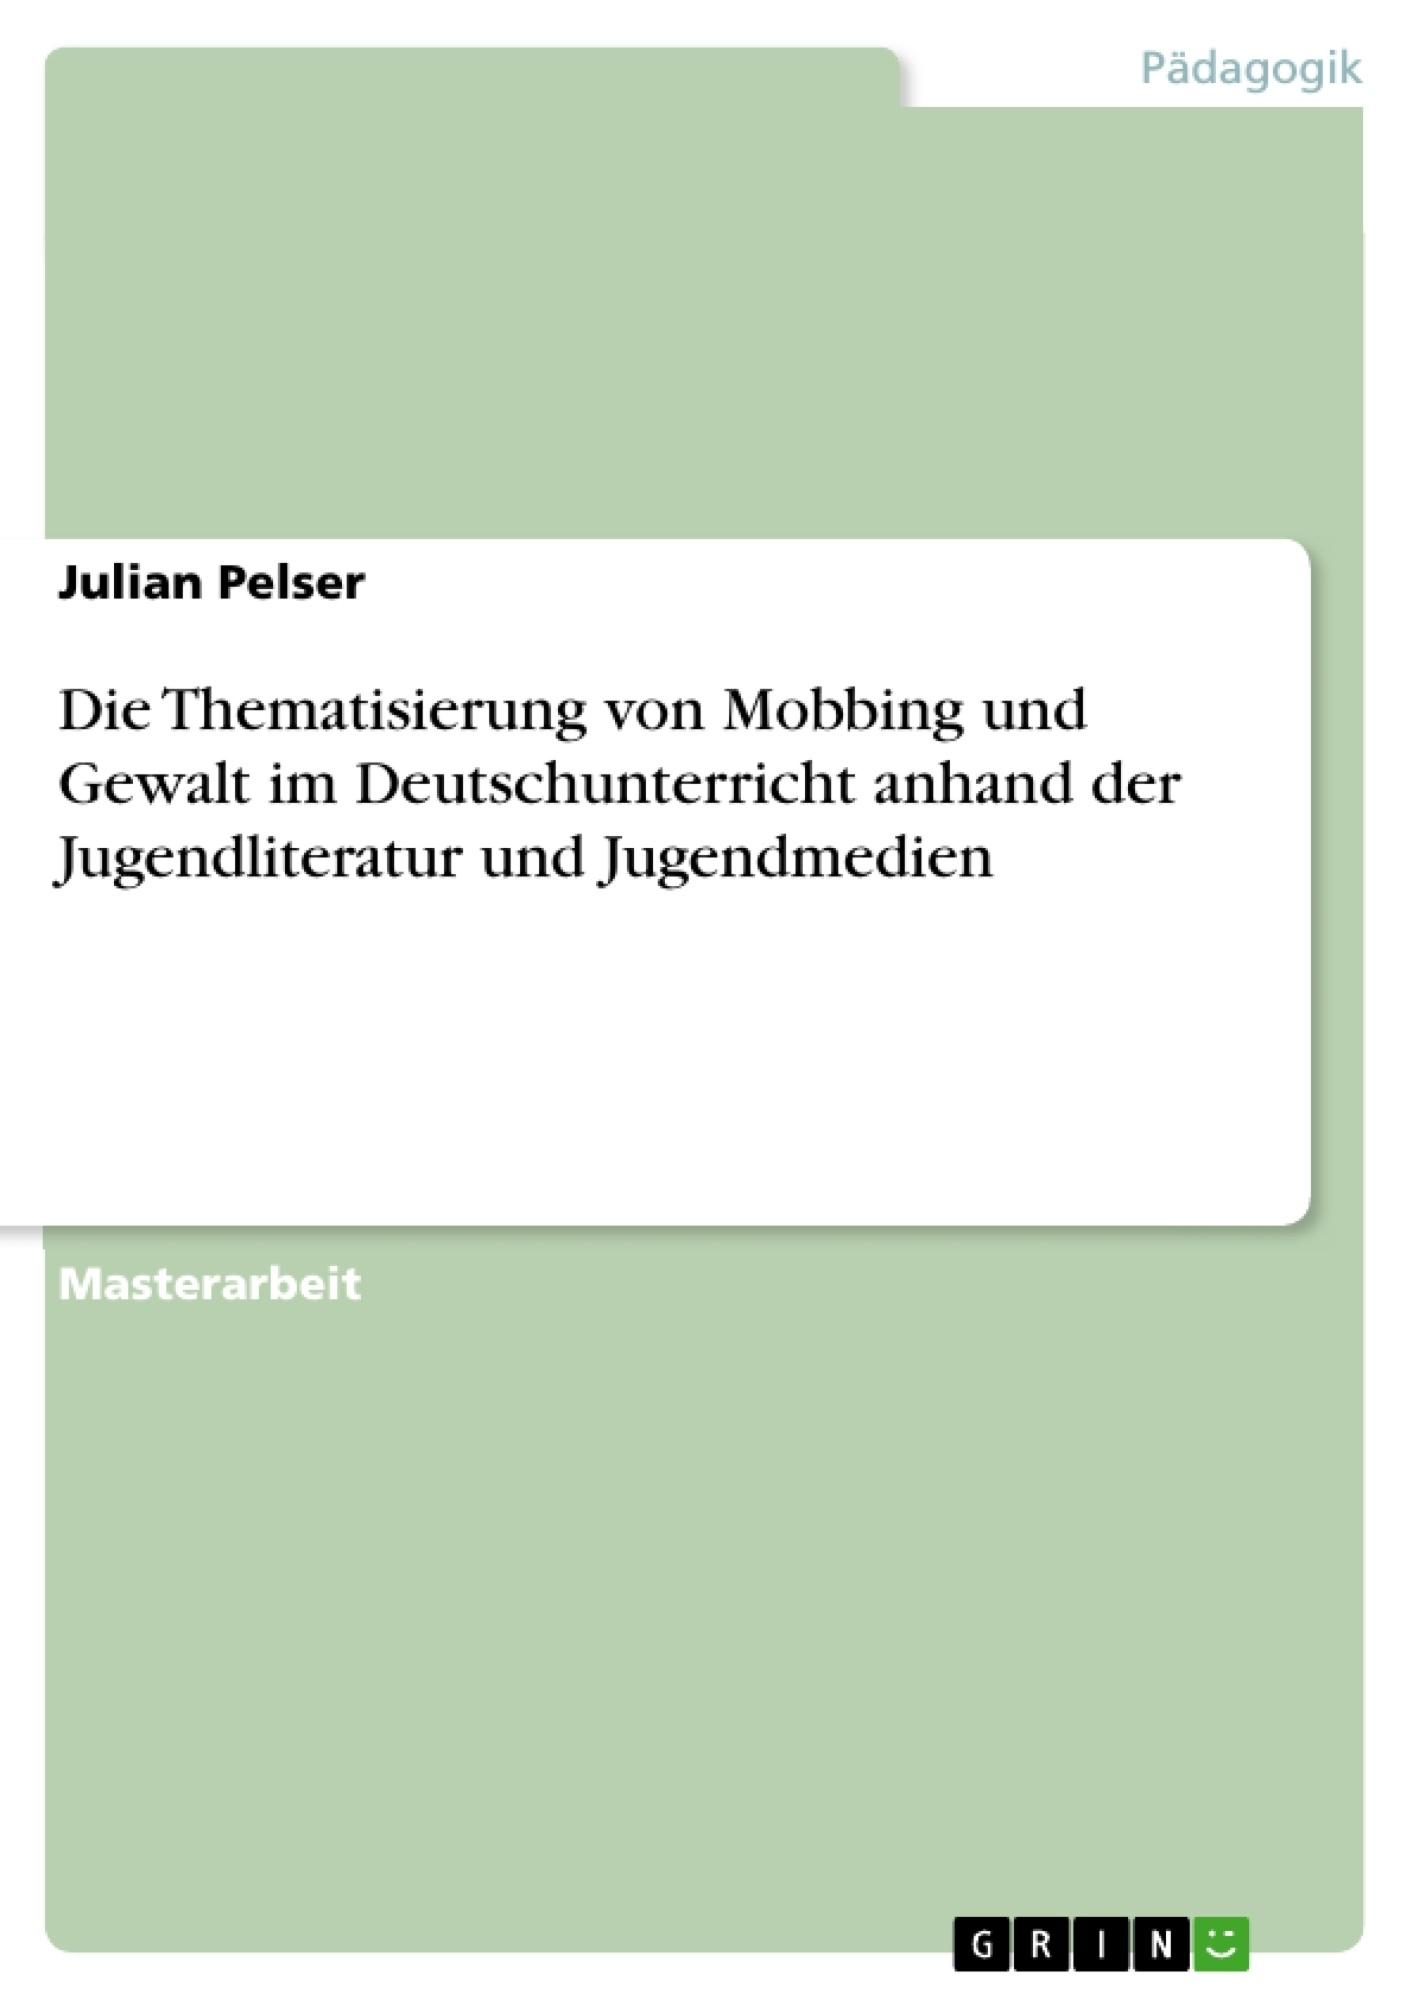 Titel: Die Thematisierung von Mobbing und Gewalt im Deutschunterricht anhand der Jugendliteratur und Jugendmedien